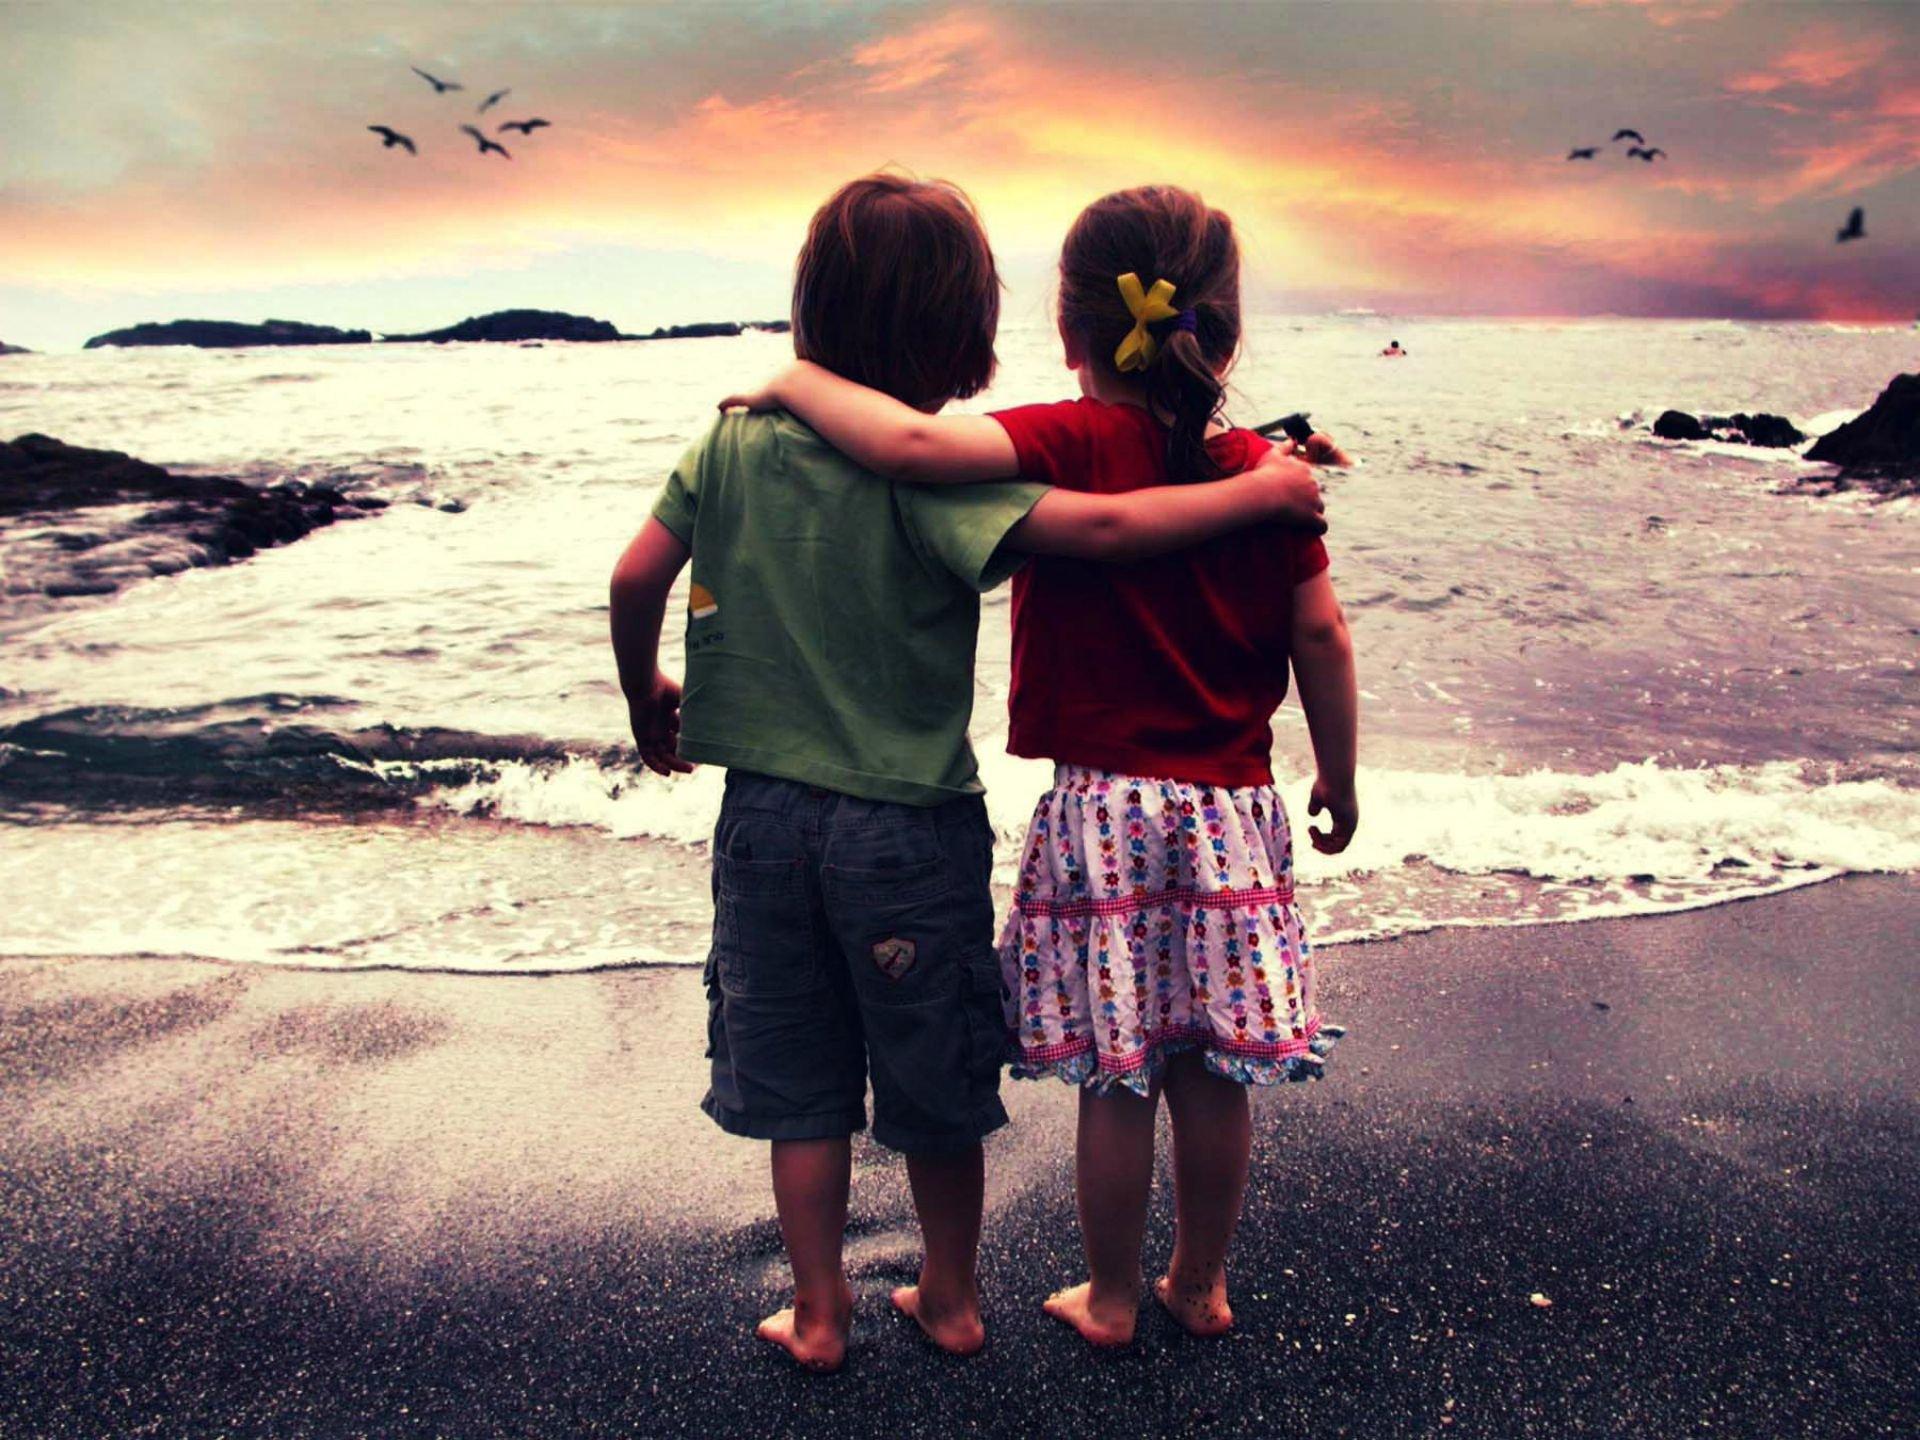 people hugging in love wwwpixsharkcom images